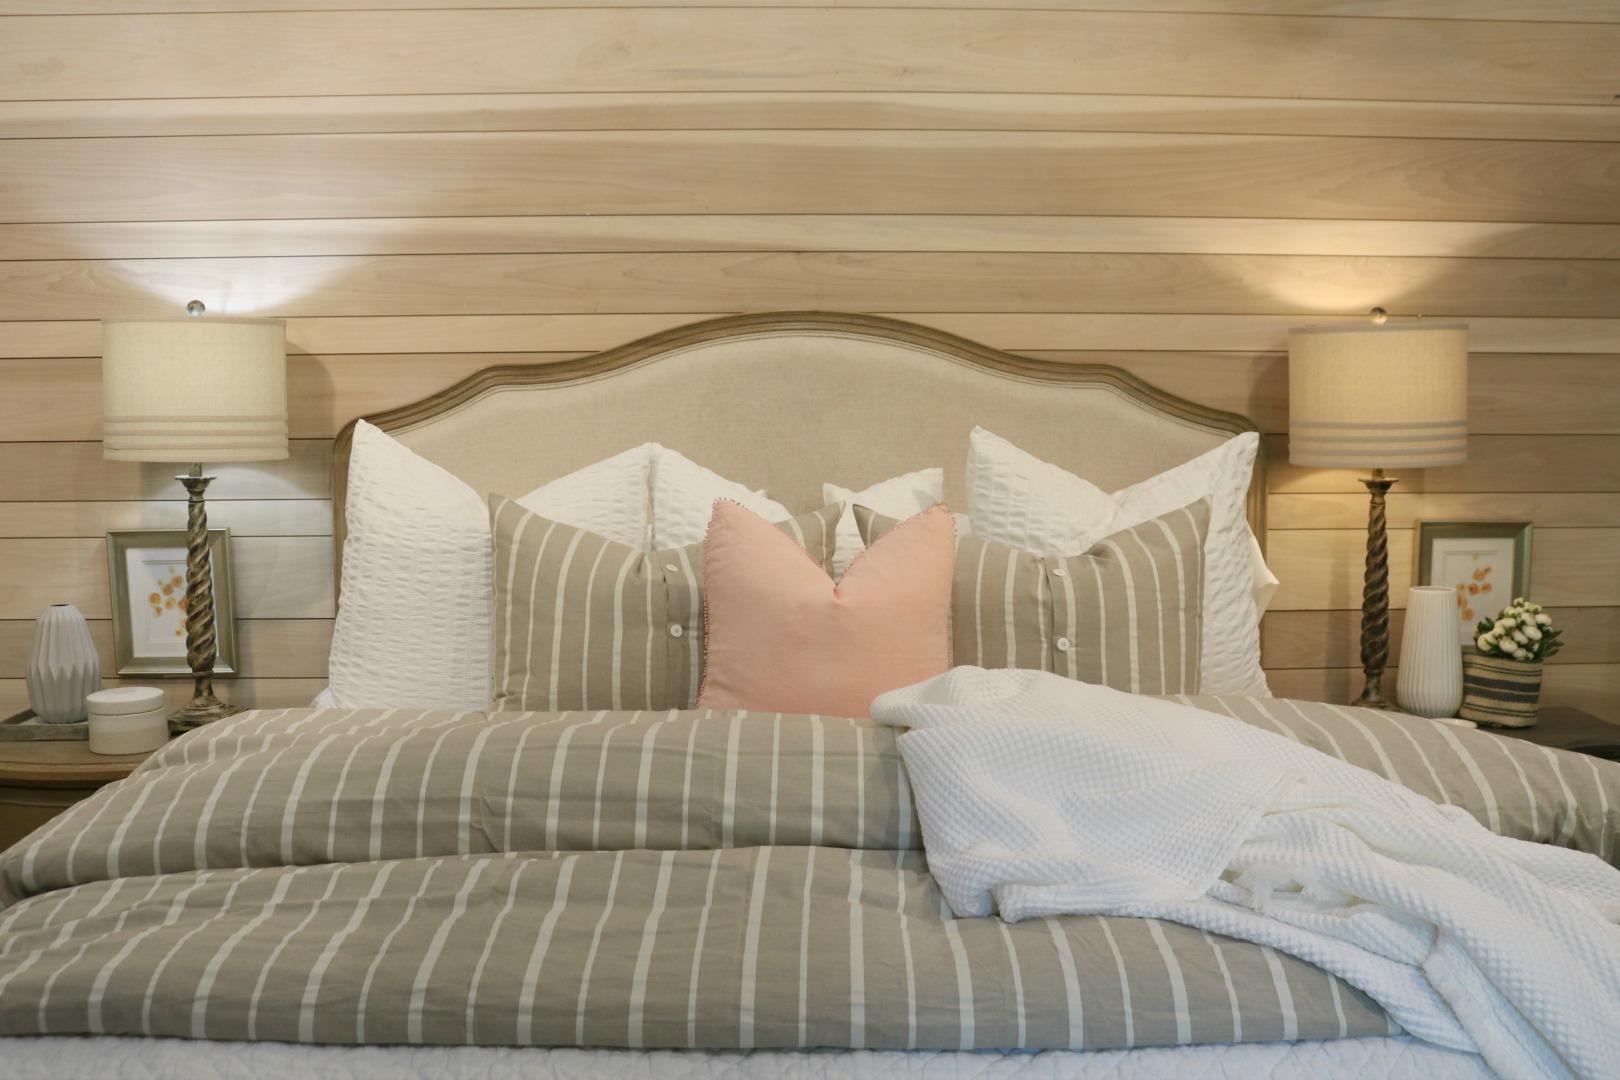 Bedding Ideas for Cozy Bedding